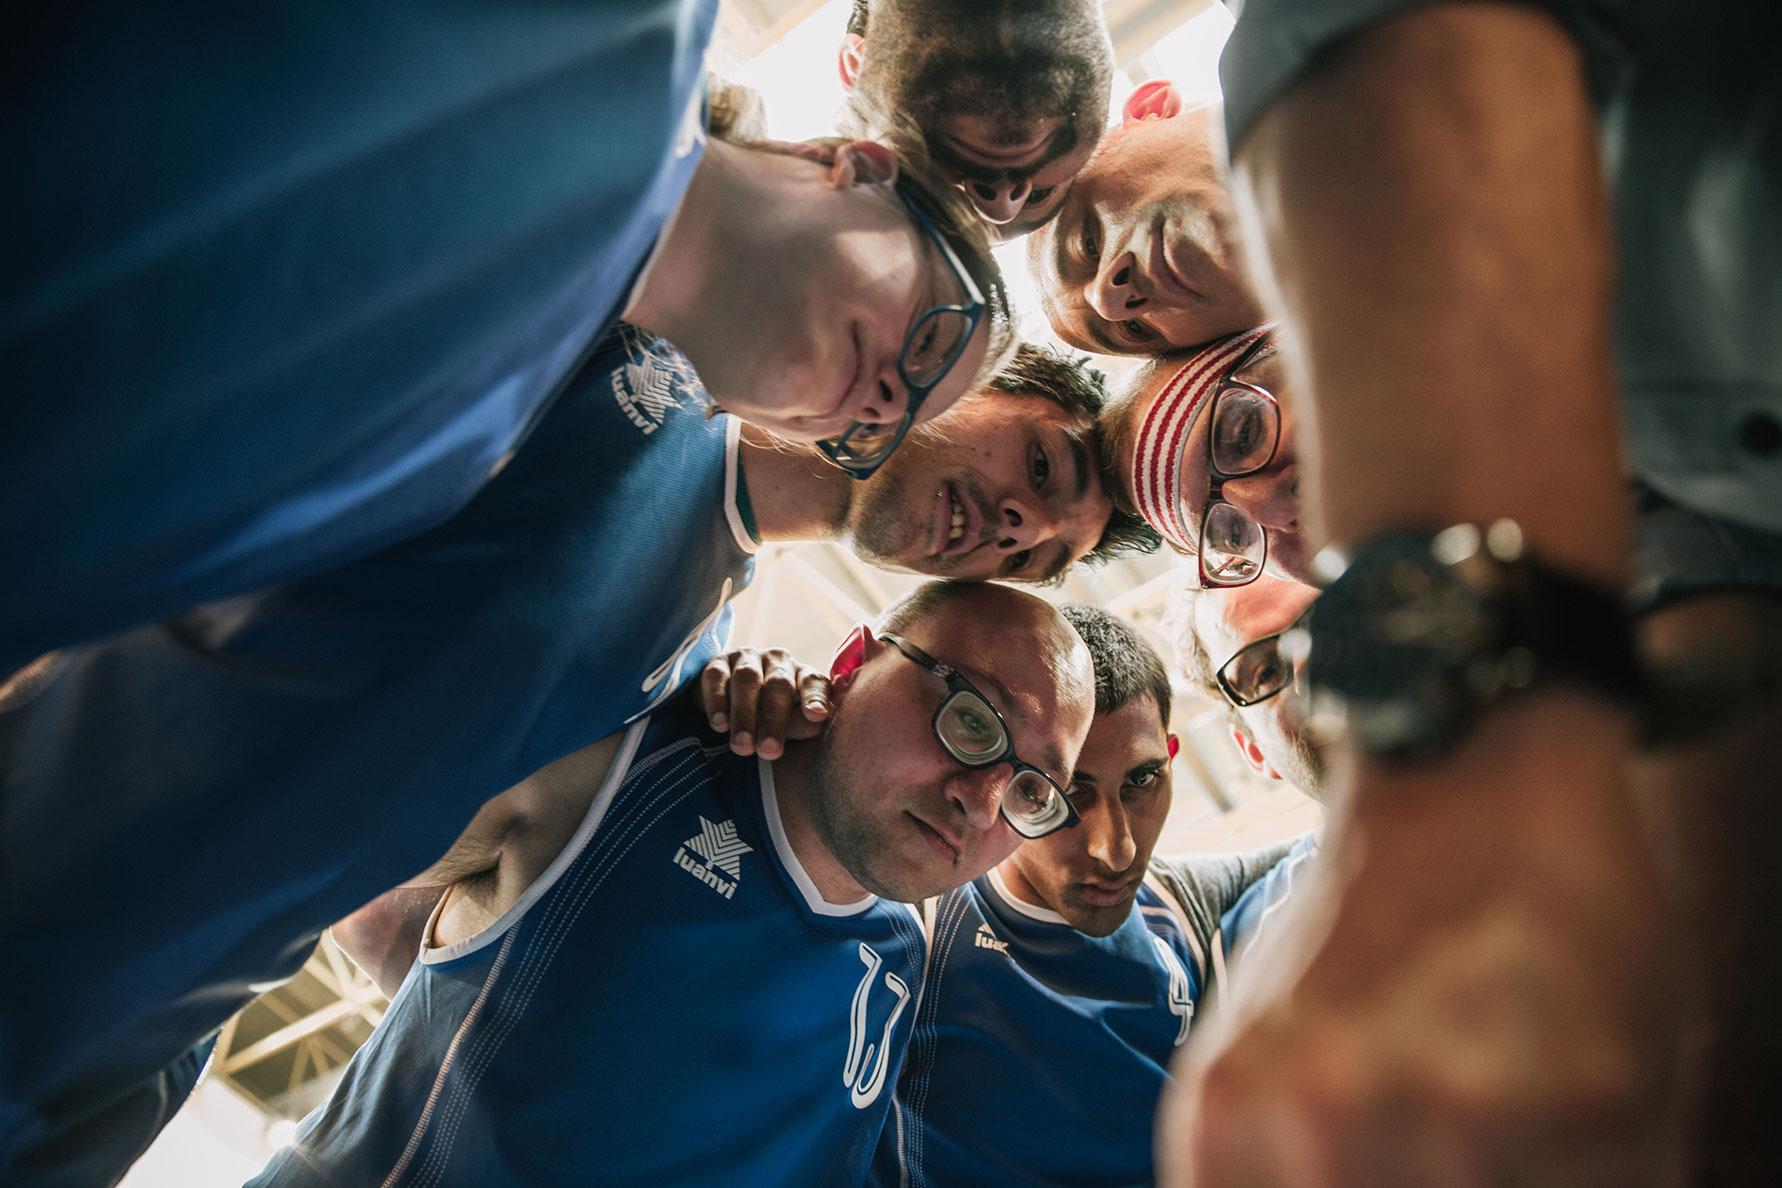 somos campeones equipo baloncesto bastket ball 2 - Somos Campeones: La Reseña Cinergetica